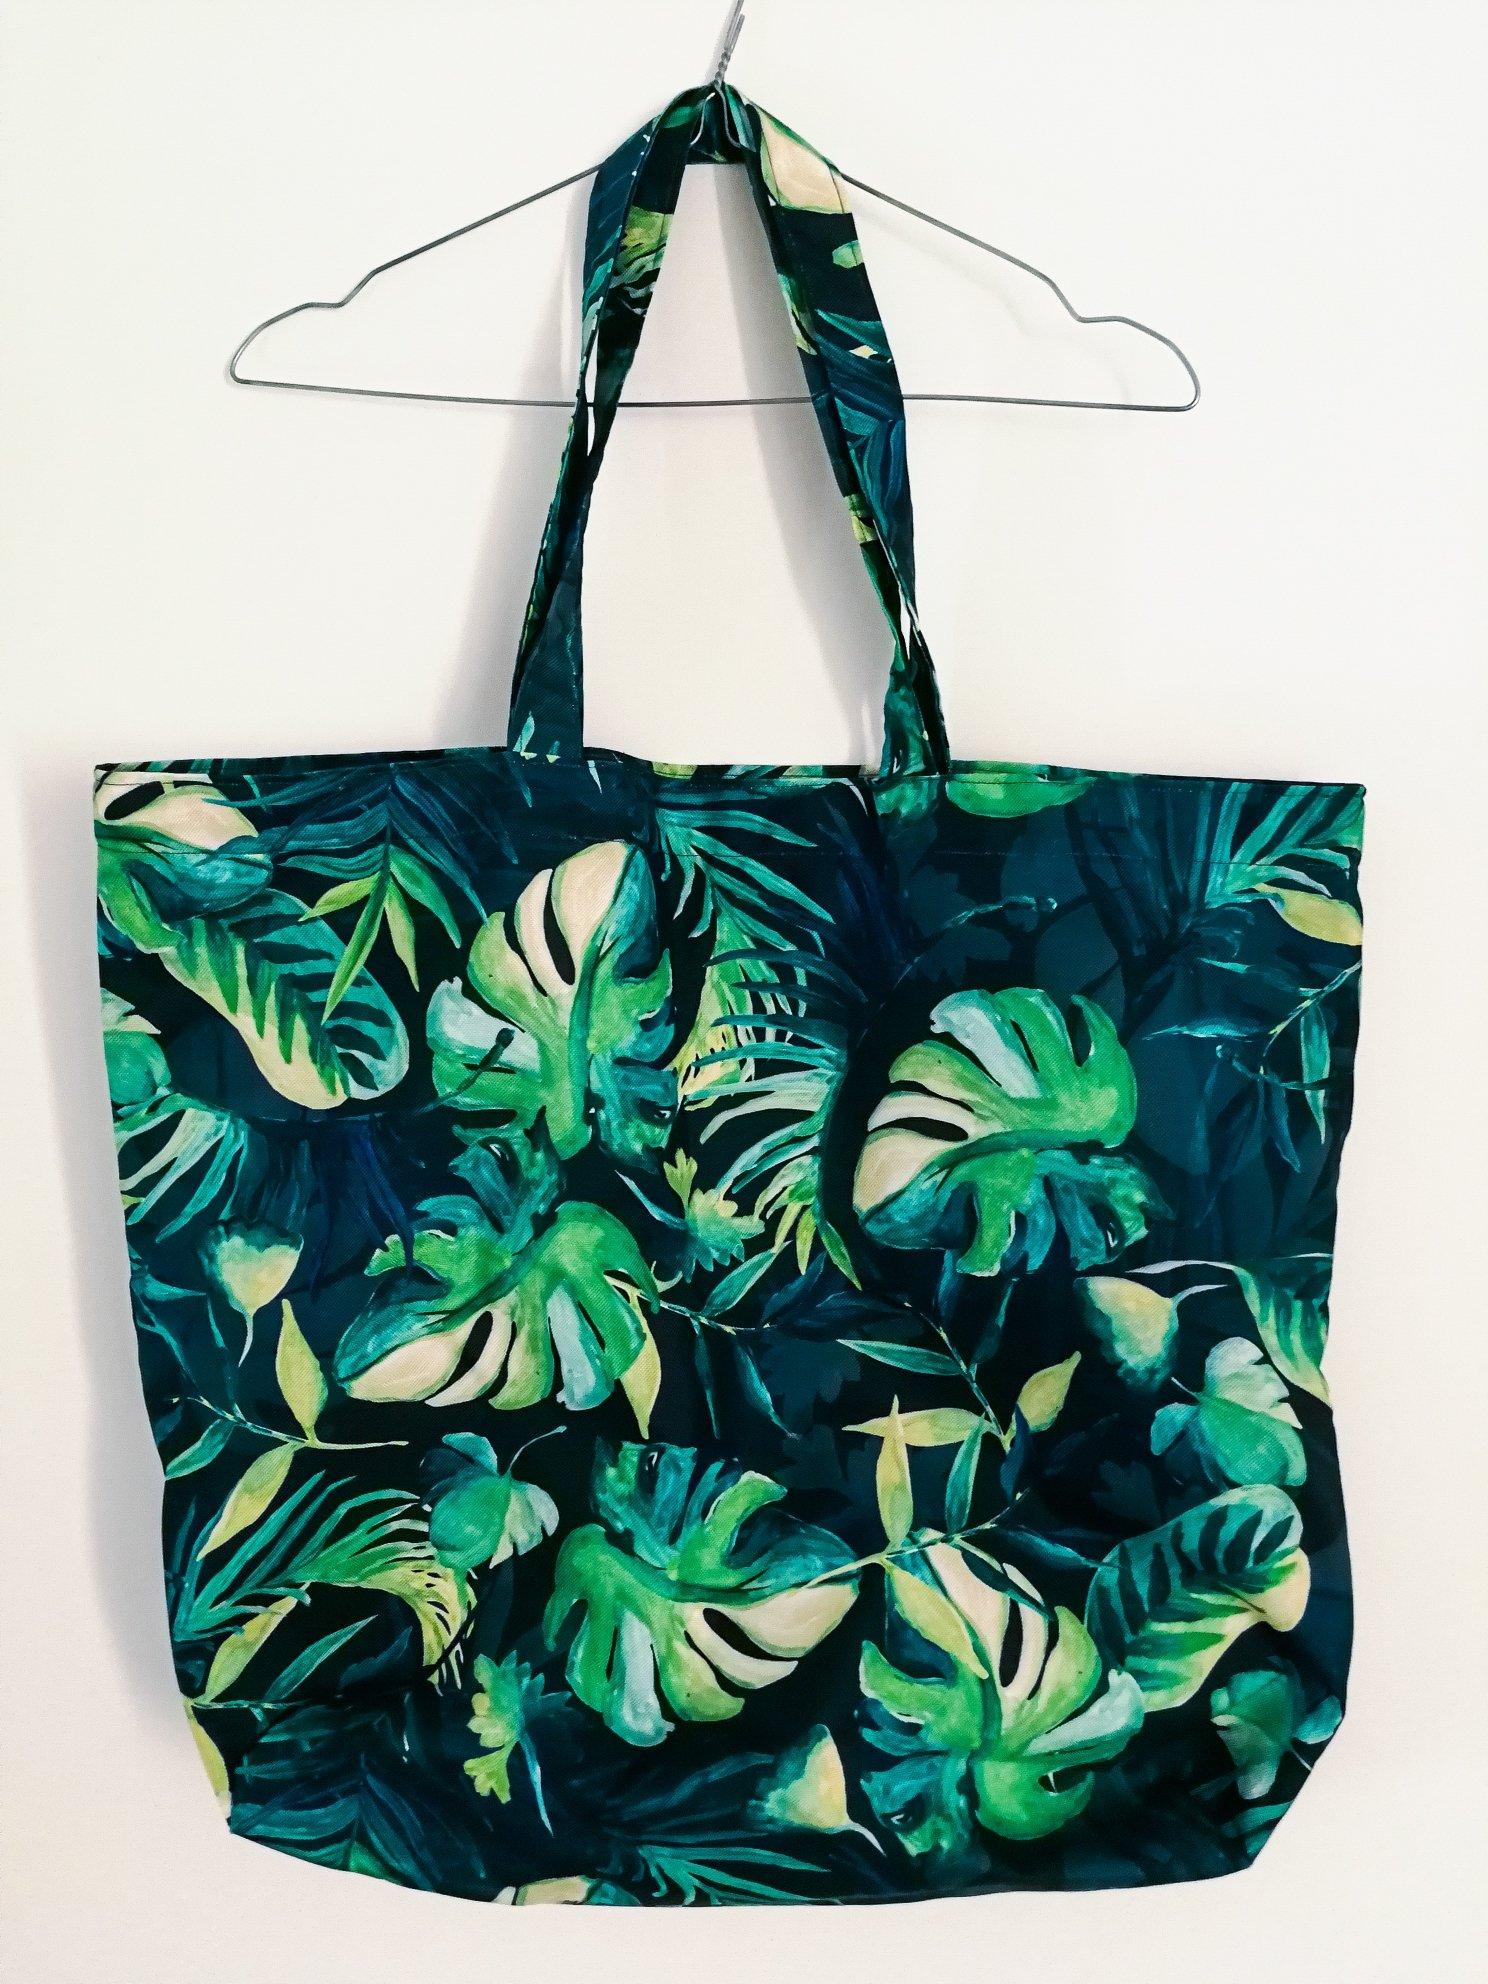 torba plażowa szmaciana liście shoper bag duża